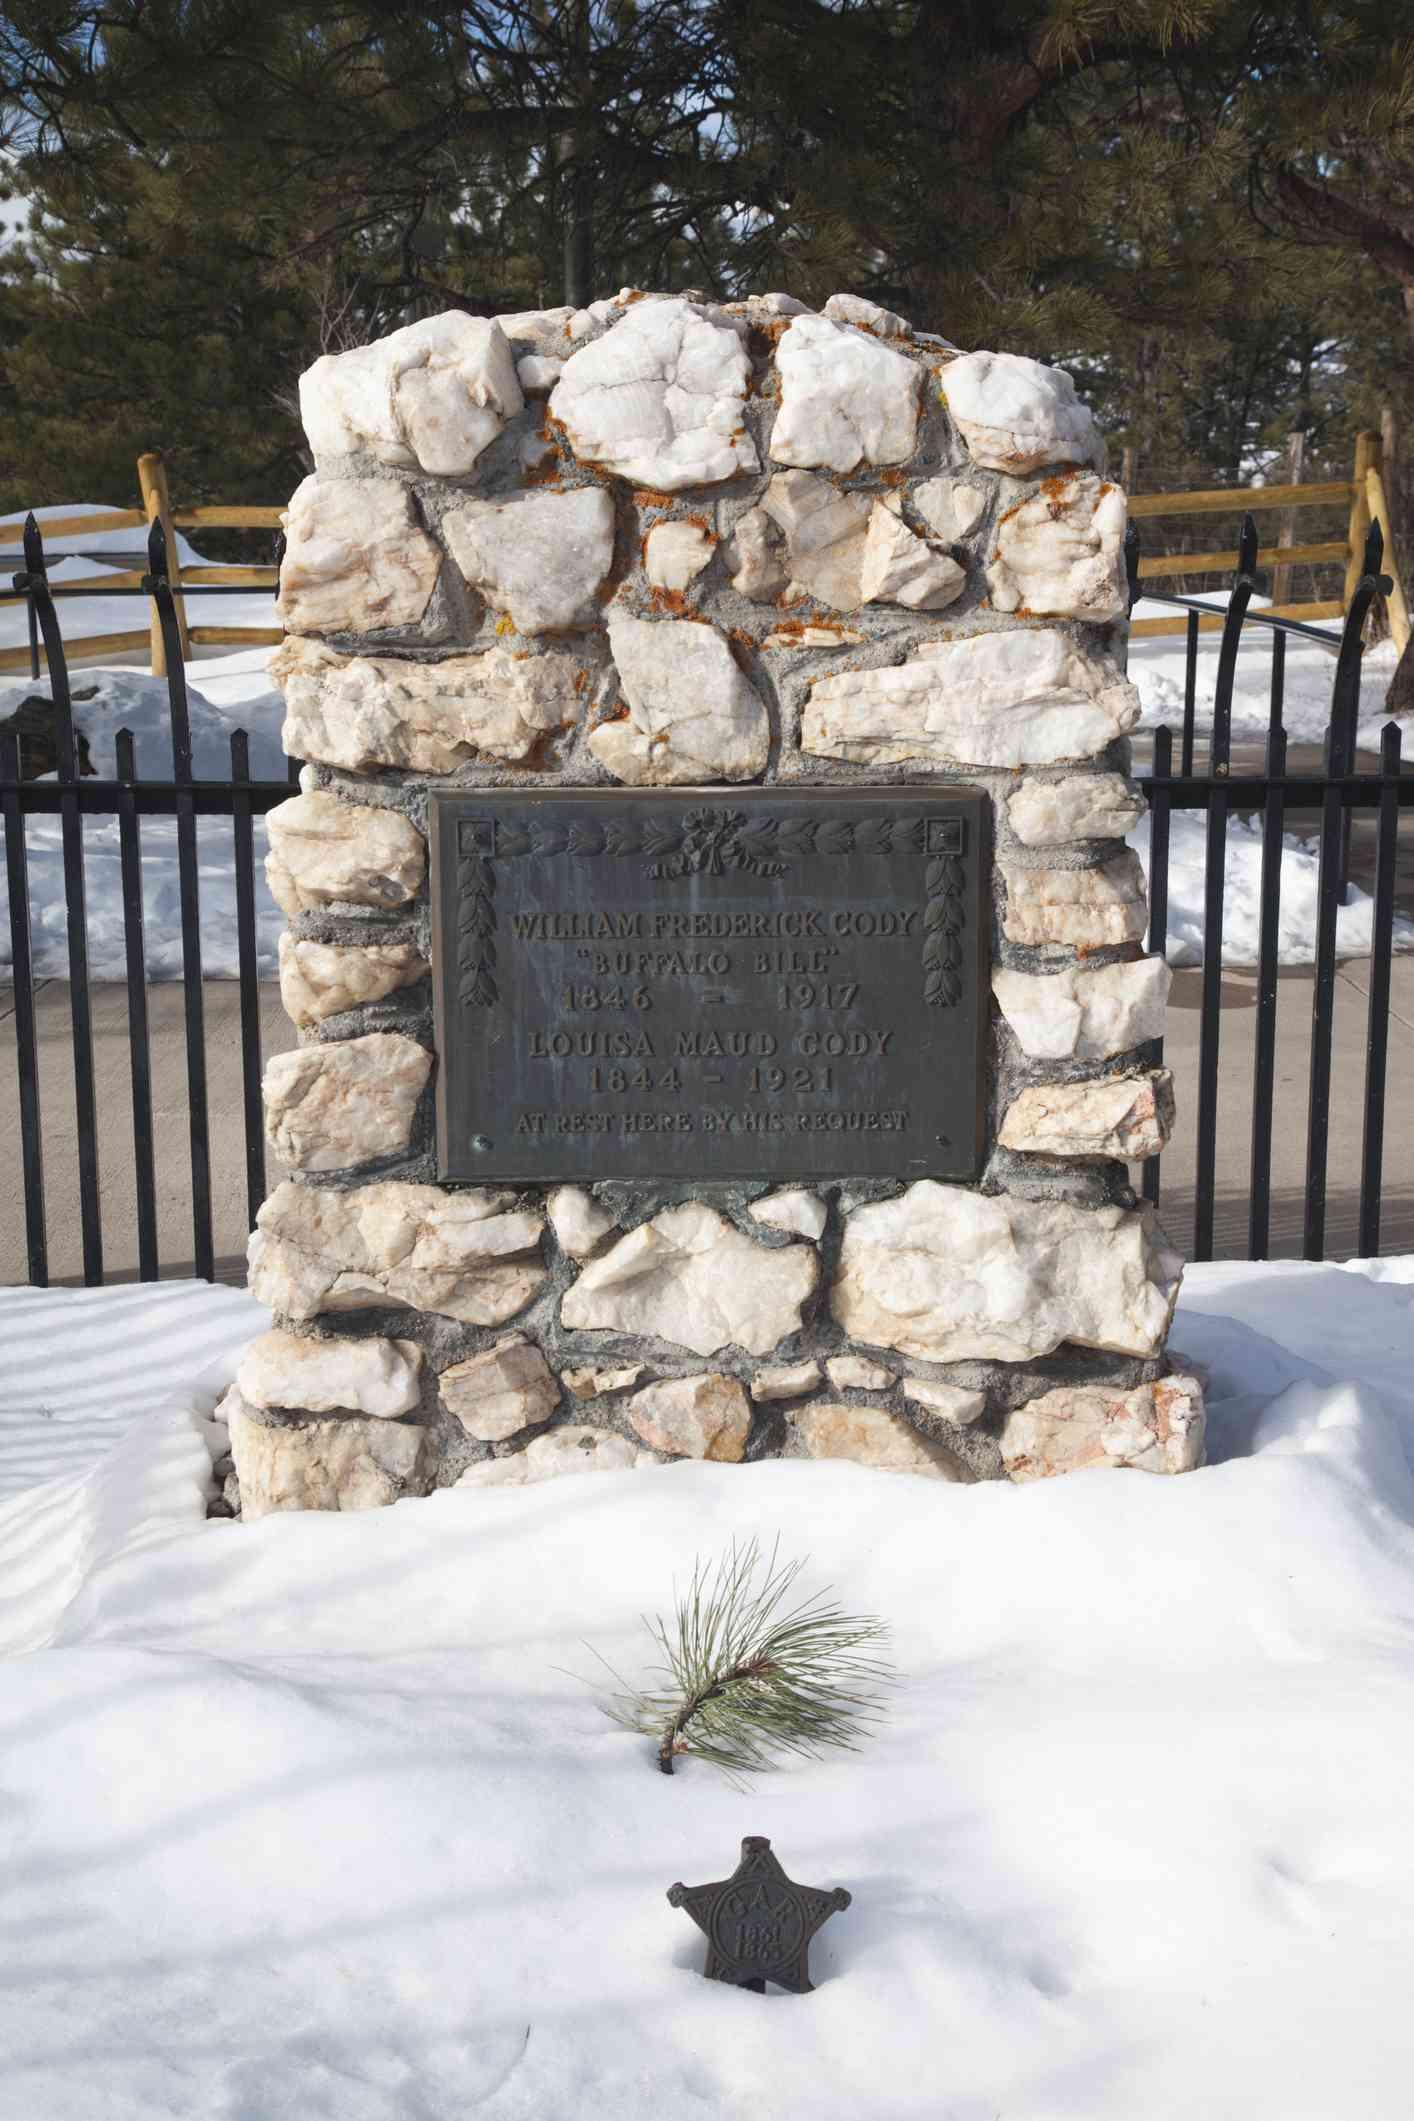 Buffalo Bill grave, Golden, Colorado